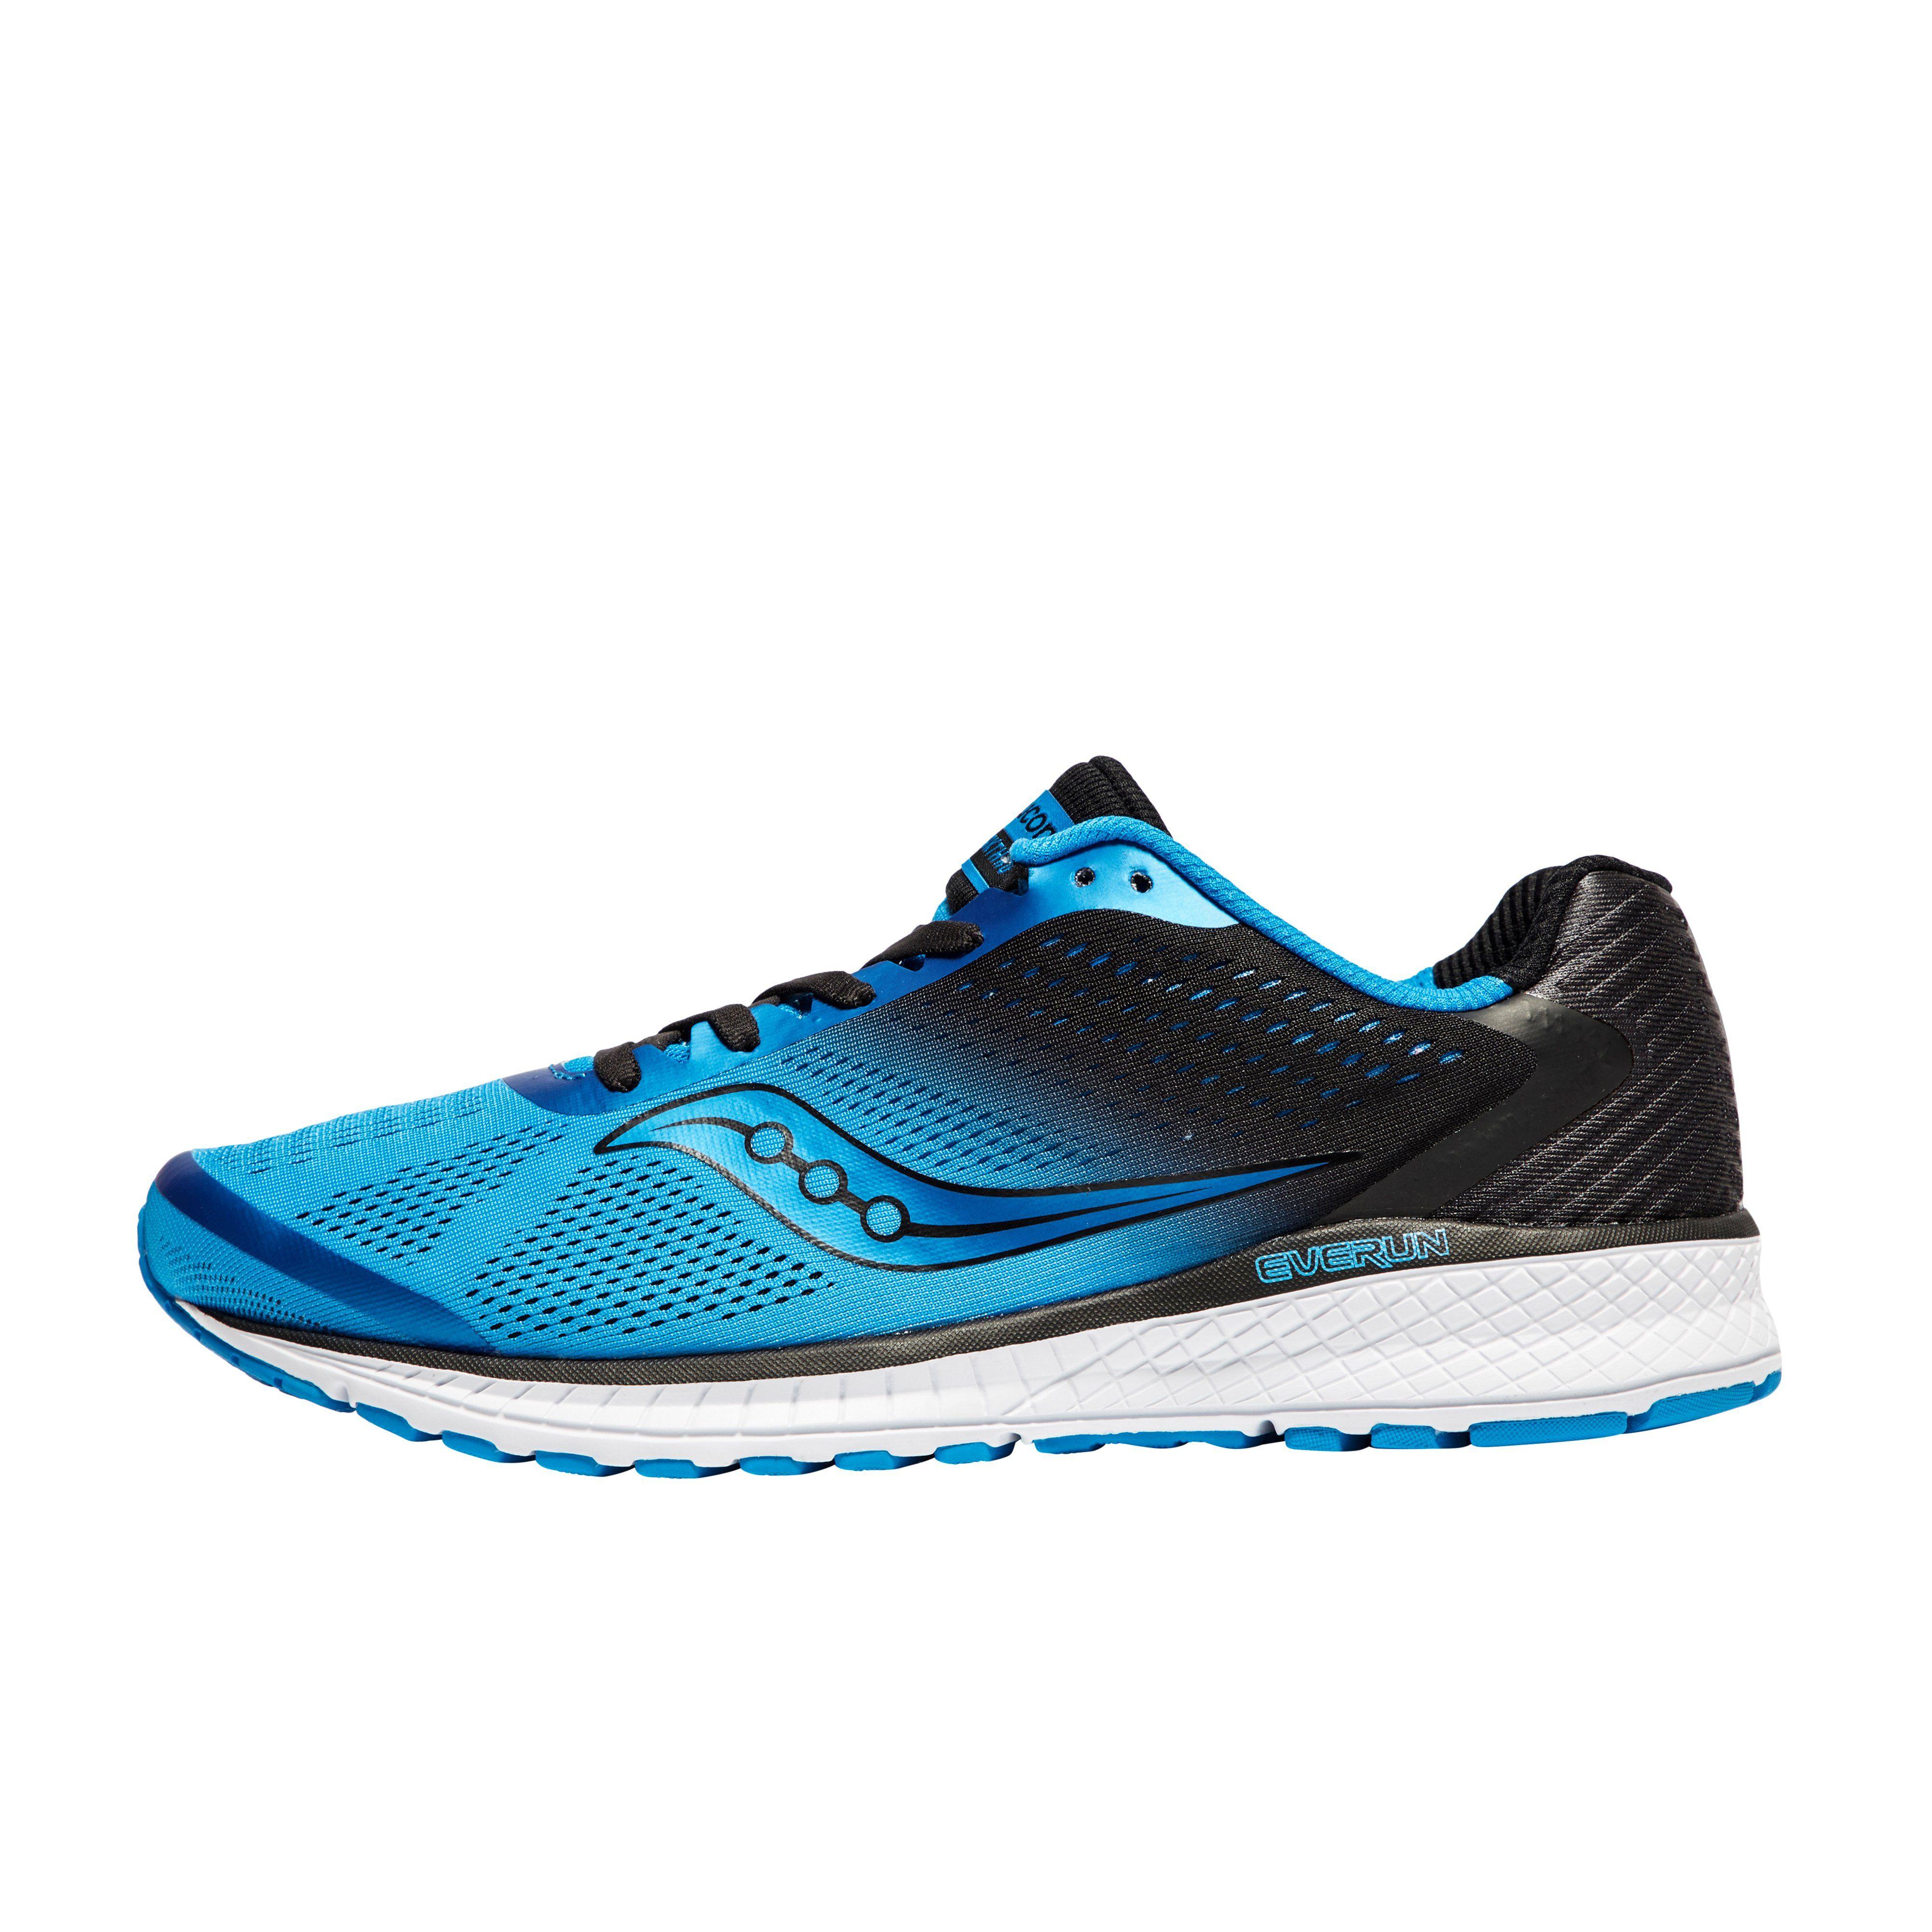 Breakthru M Saucony Chaussures 4 4 Running M Saucony Running Breakthru Running Chaussures qwOxx4BF8